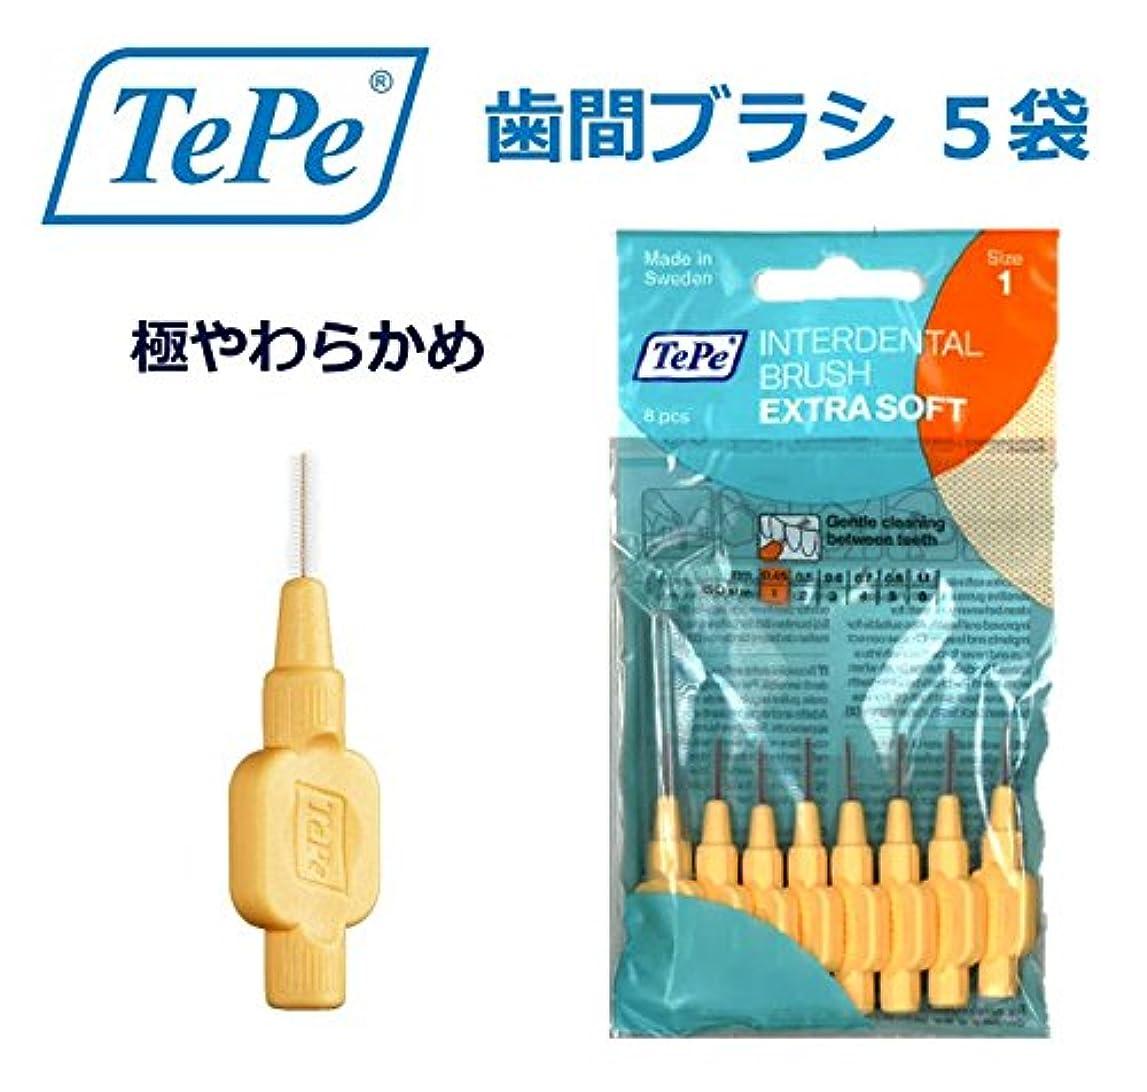 ラブしみゼリーテペ 歯間ブラシ 極やわらかめ(エクストラソフト) 0.45mm 5袋